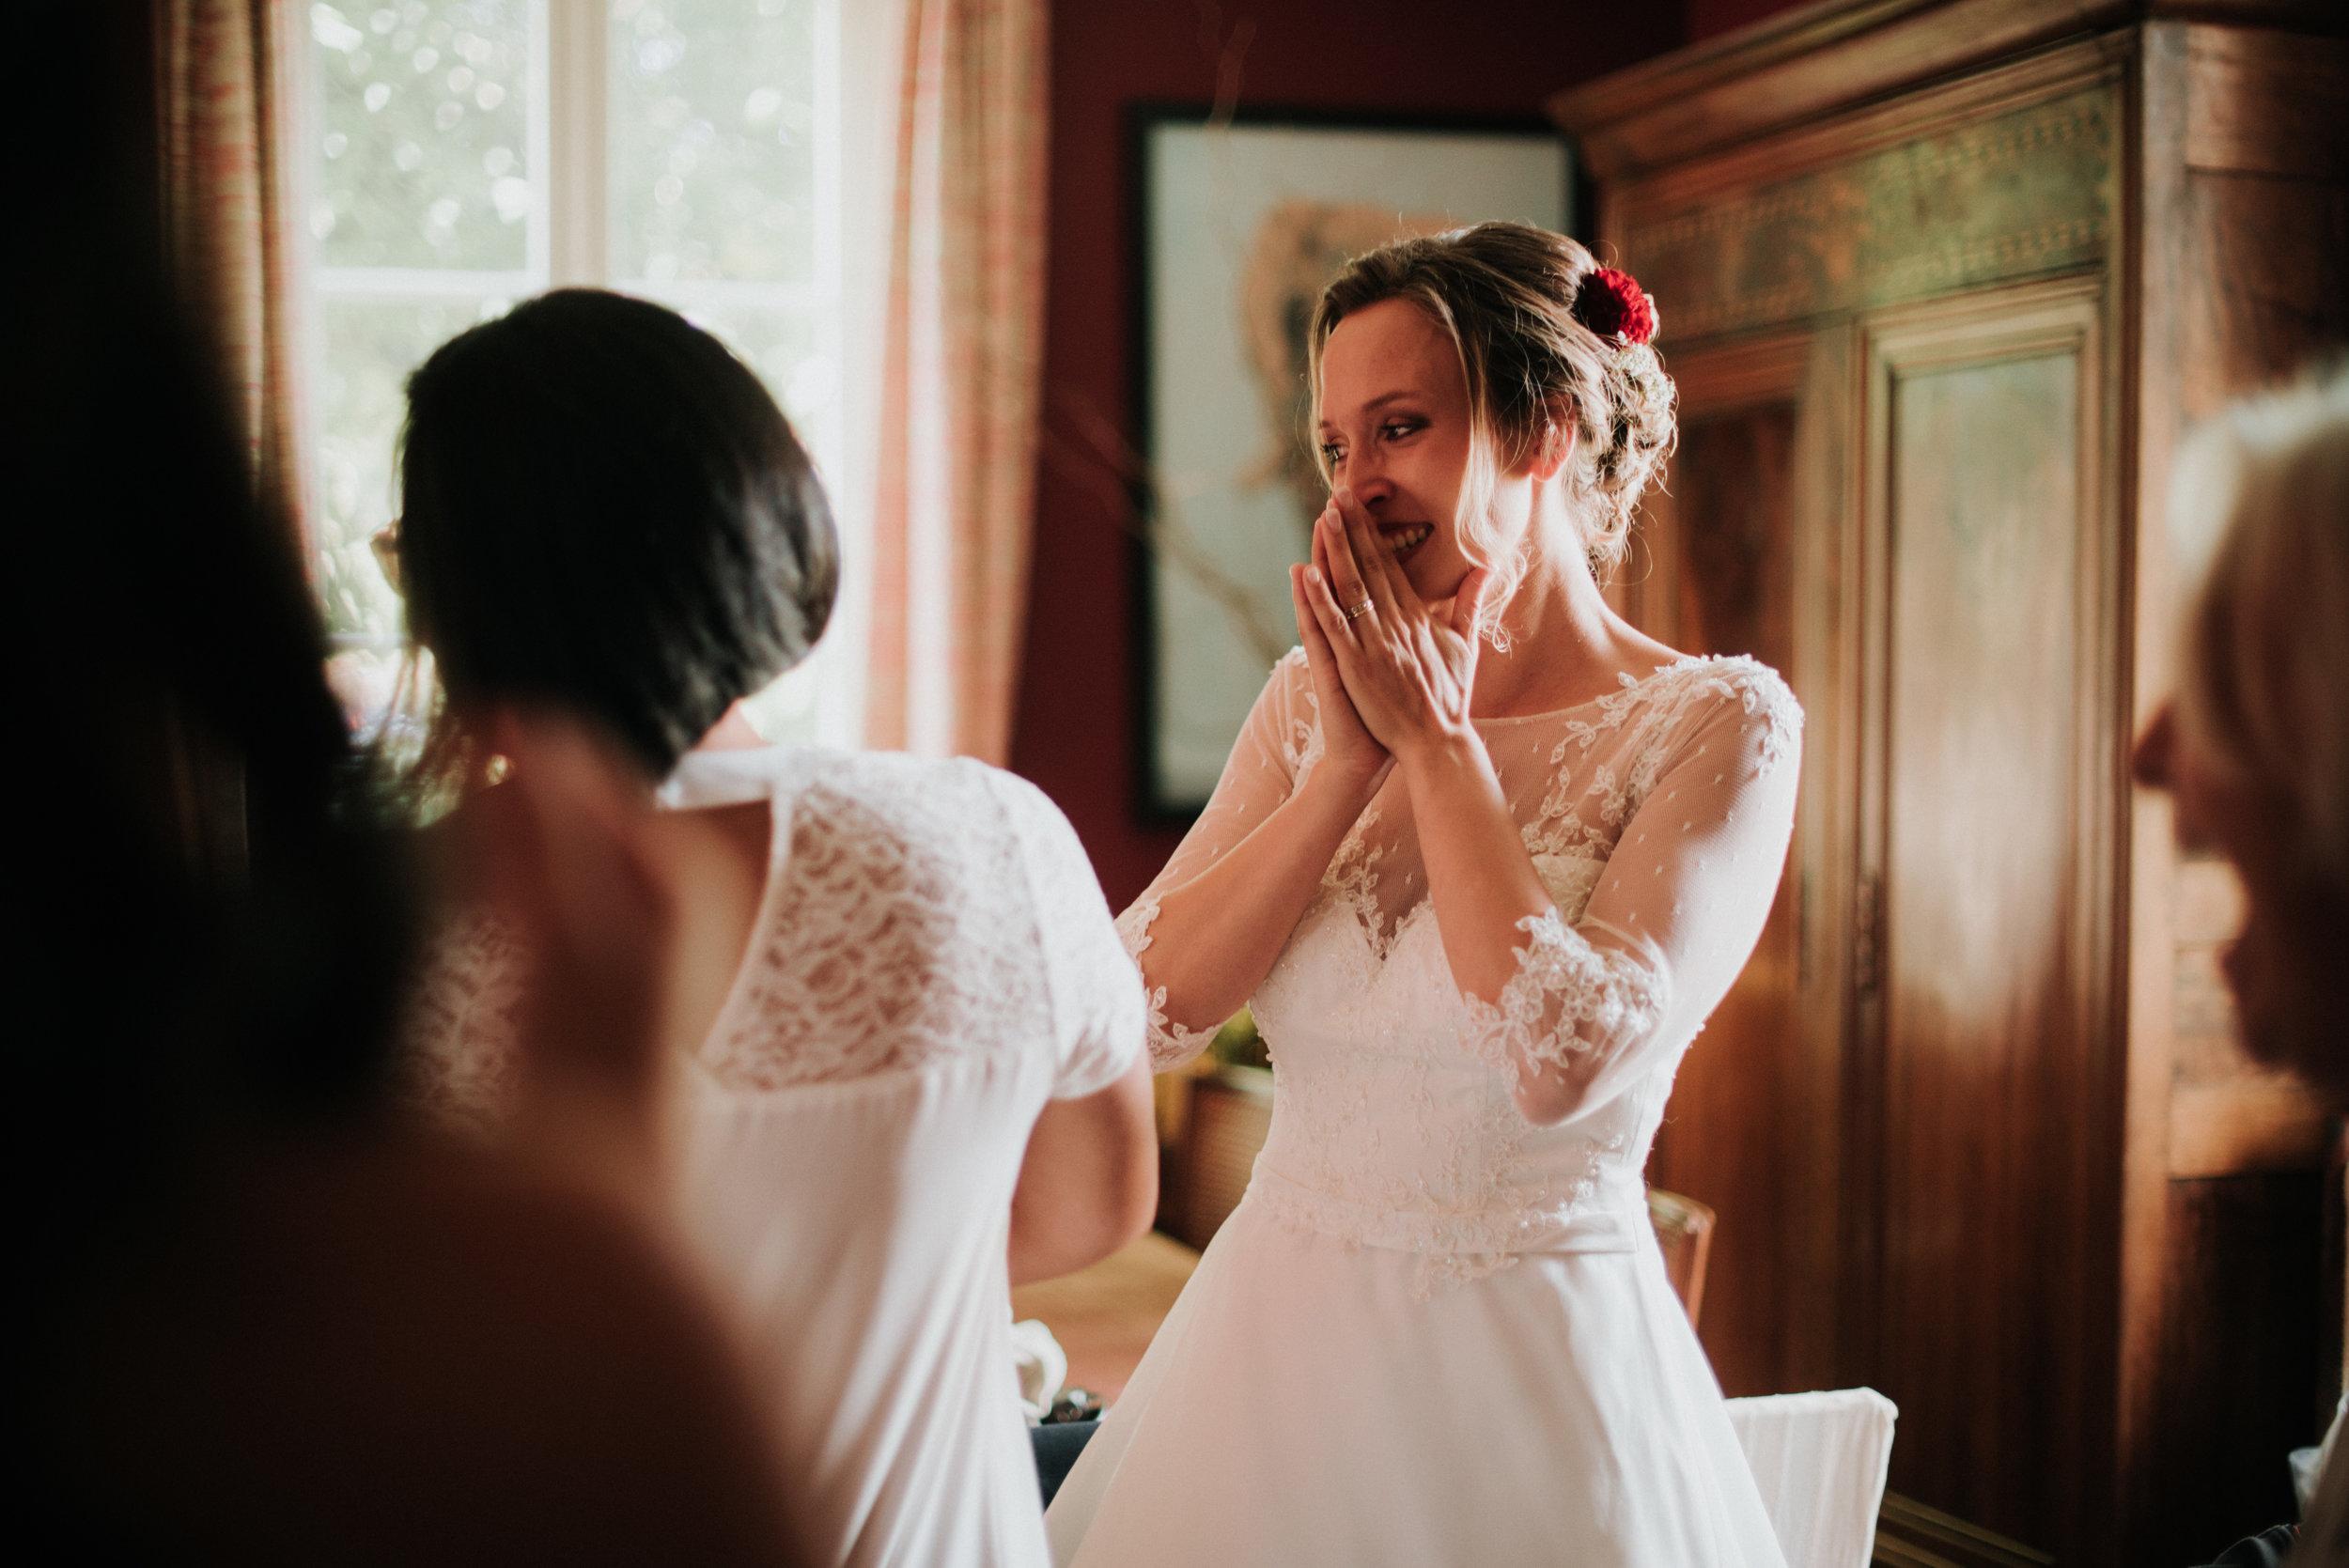 Léa-Fery-photographe-professionnel-lyon-rhone-alpes-portrait-creation-mariage-evenement-evenementiel-famille-7391.jpg